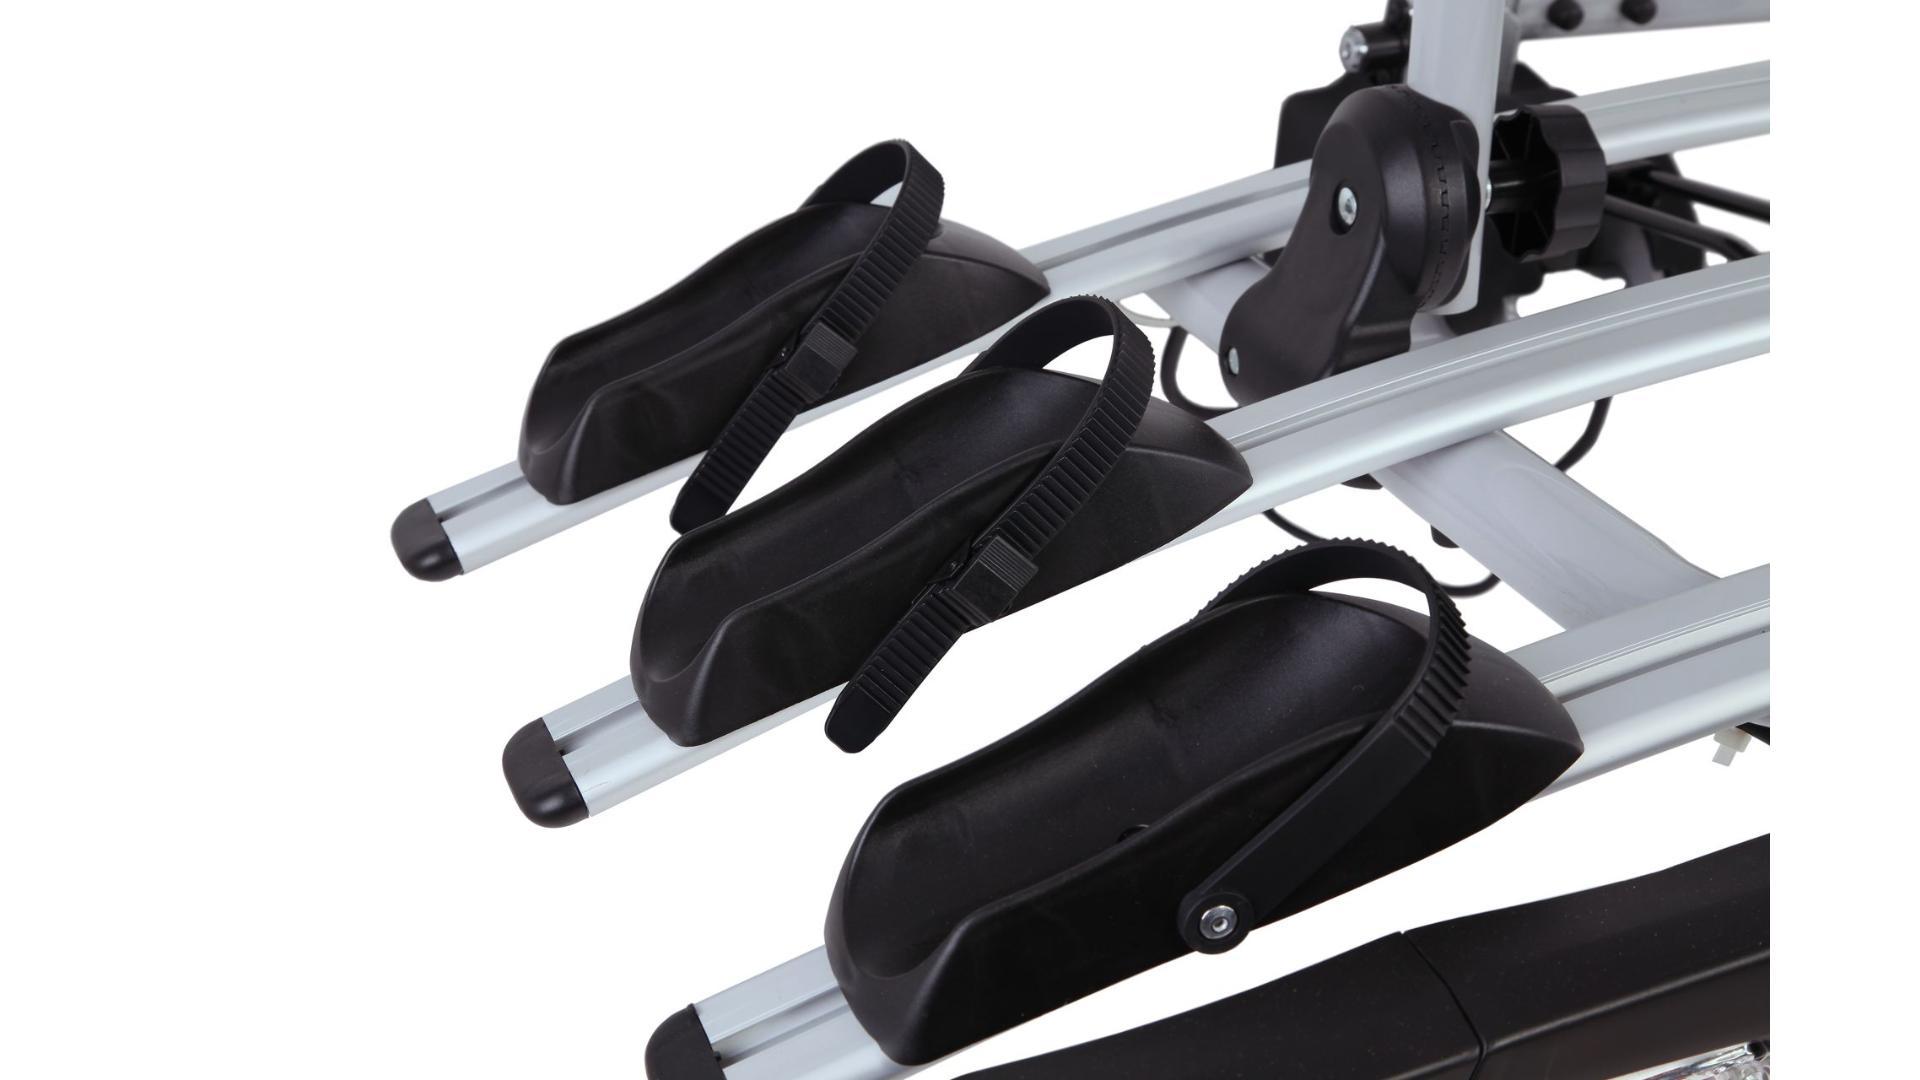 Taurus Basic Plus 3 - nosič kol na tažní zařízení (3 kola)